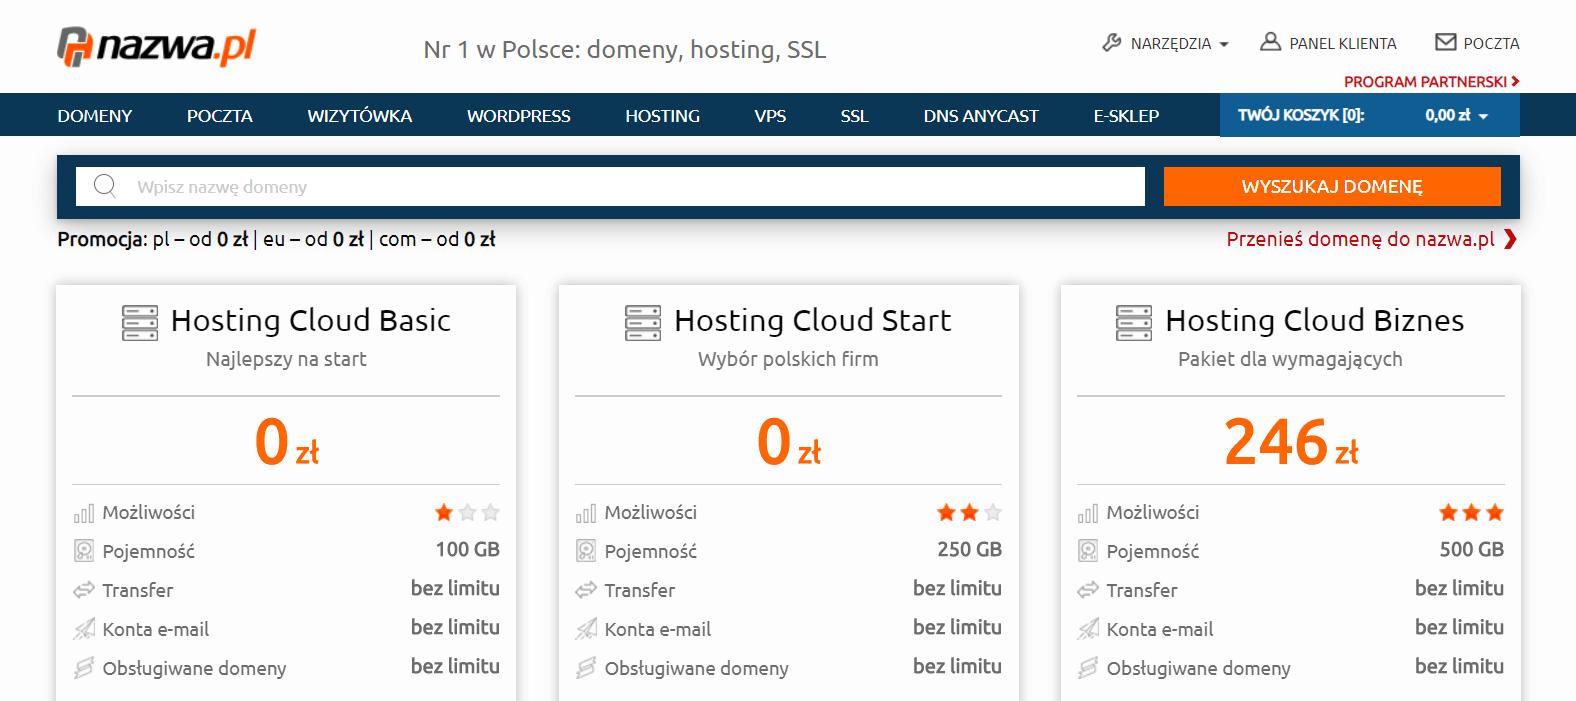 zrzut ekranu strony głównej nazwa.pl